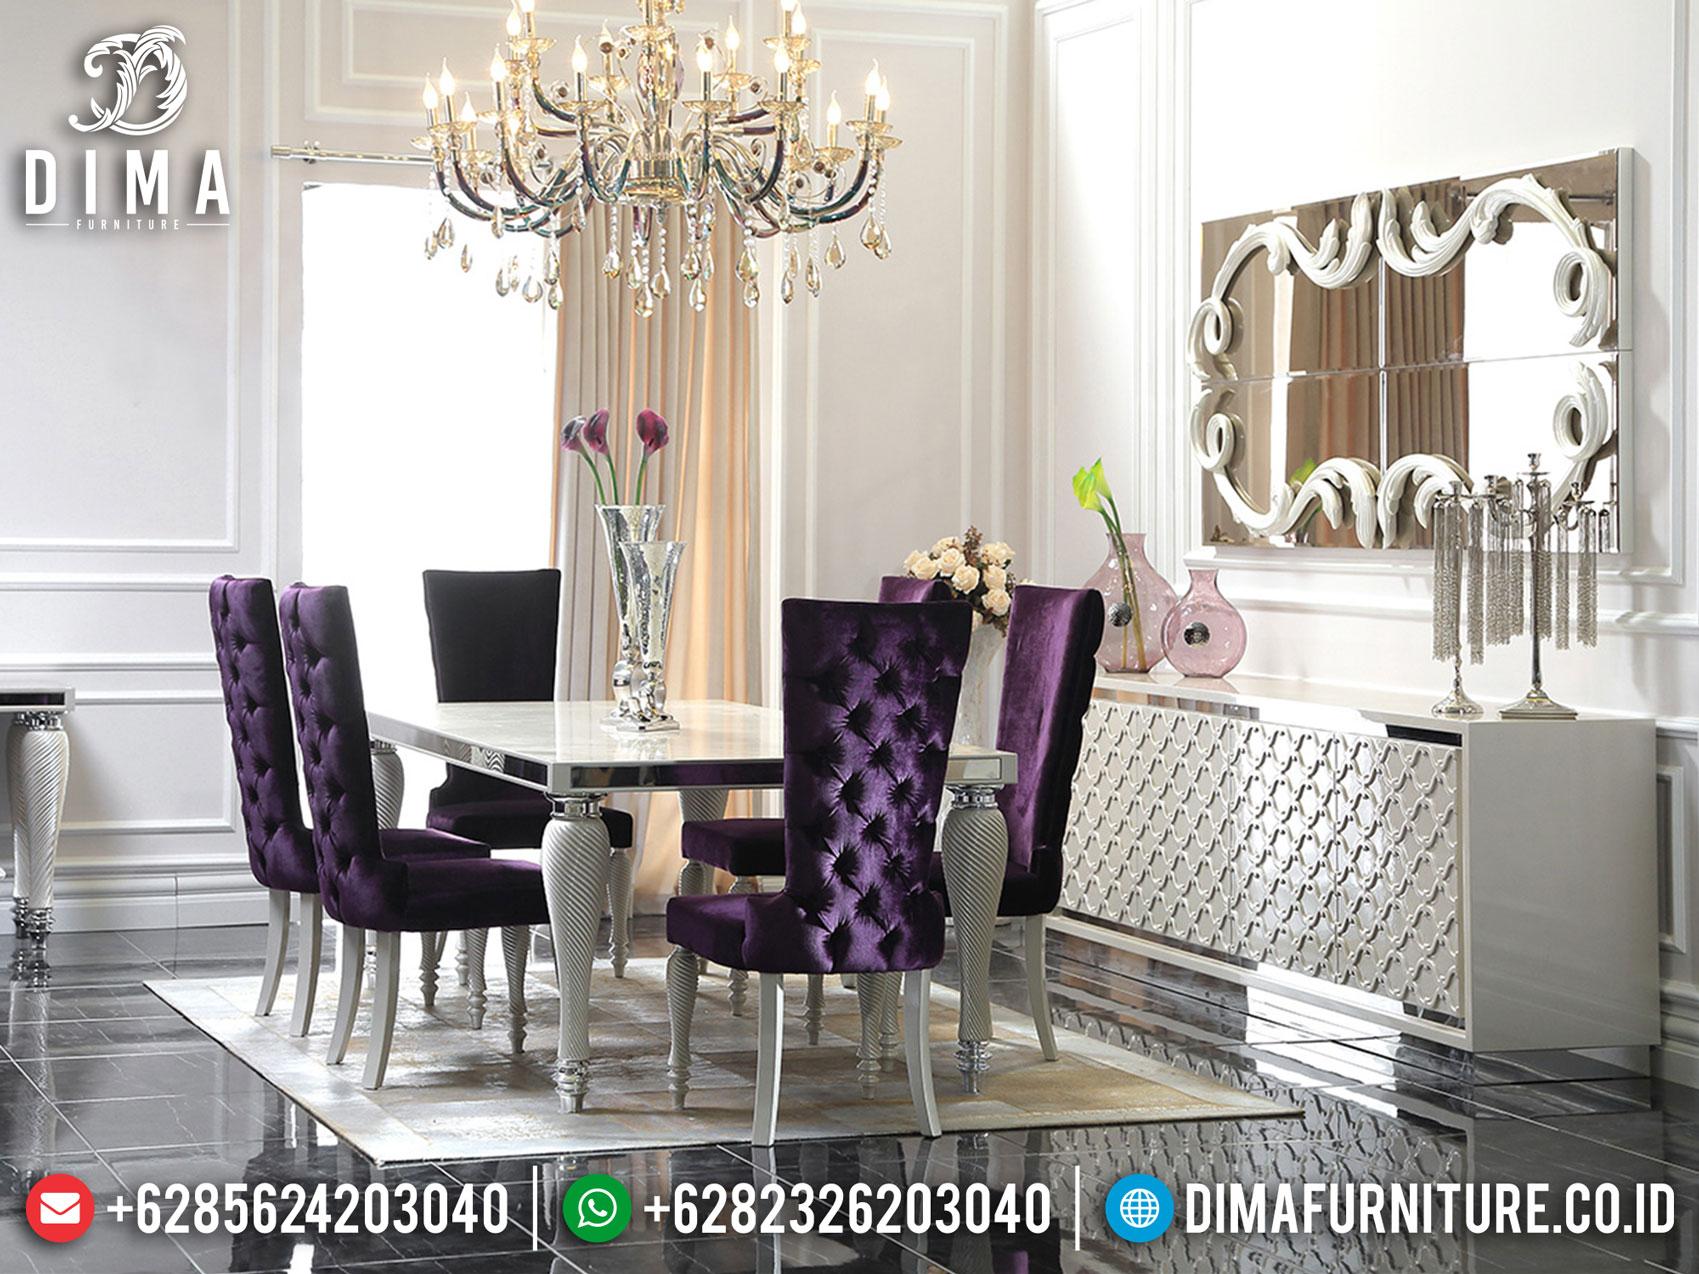 Buy Now Meja Makan Minimalis Mewah Luxury Silver Color Design Elegant MM-0818